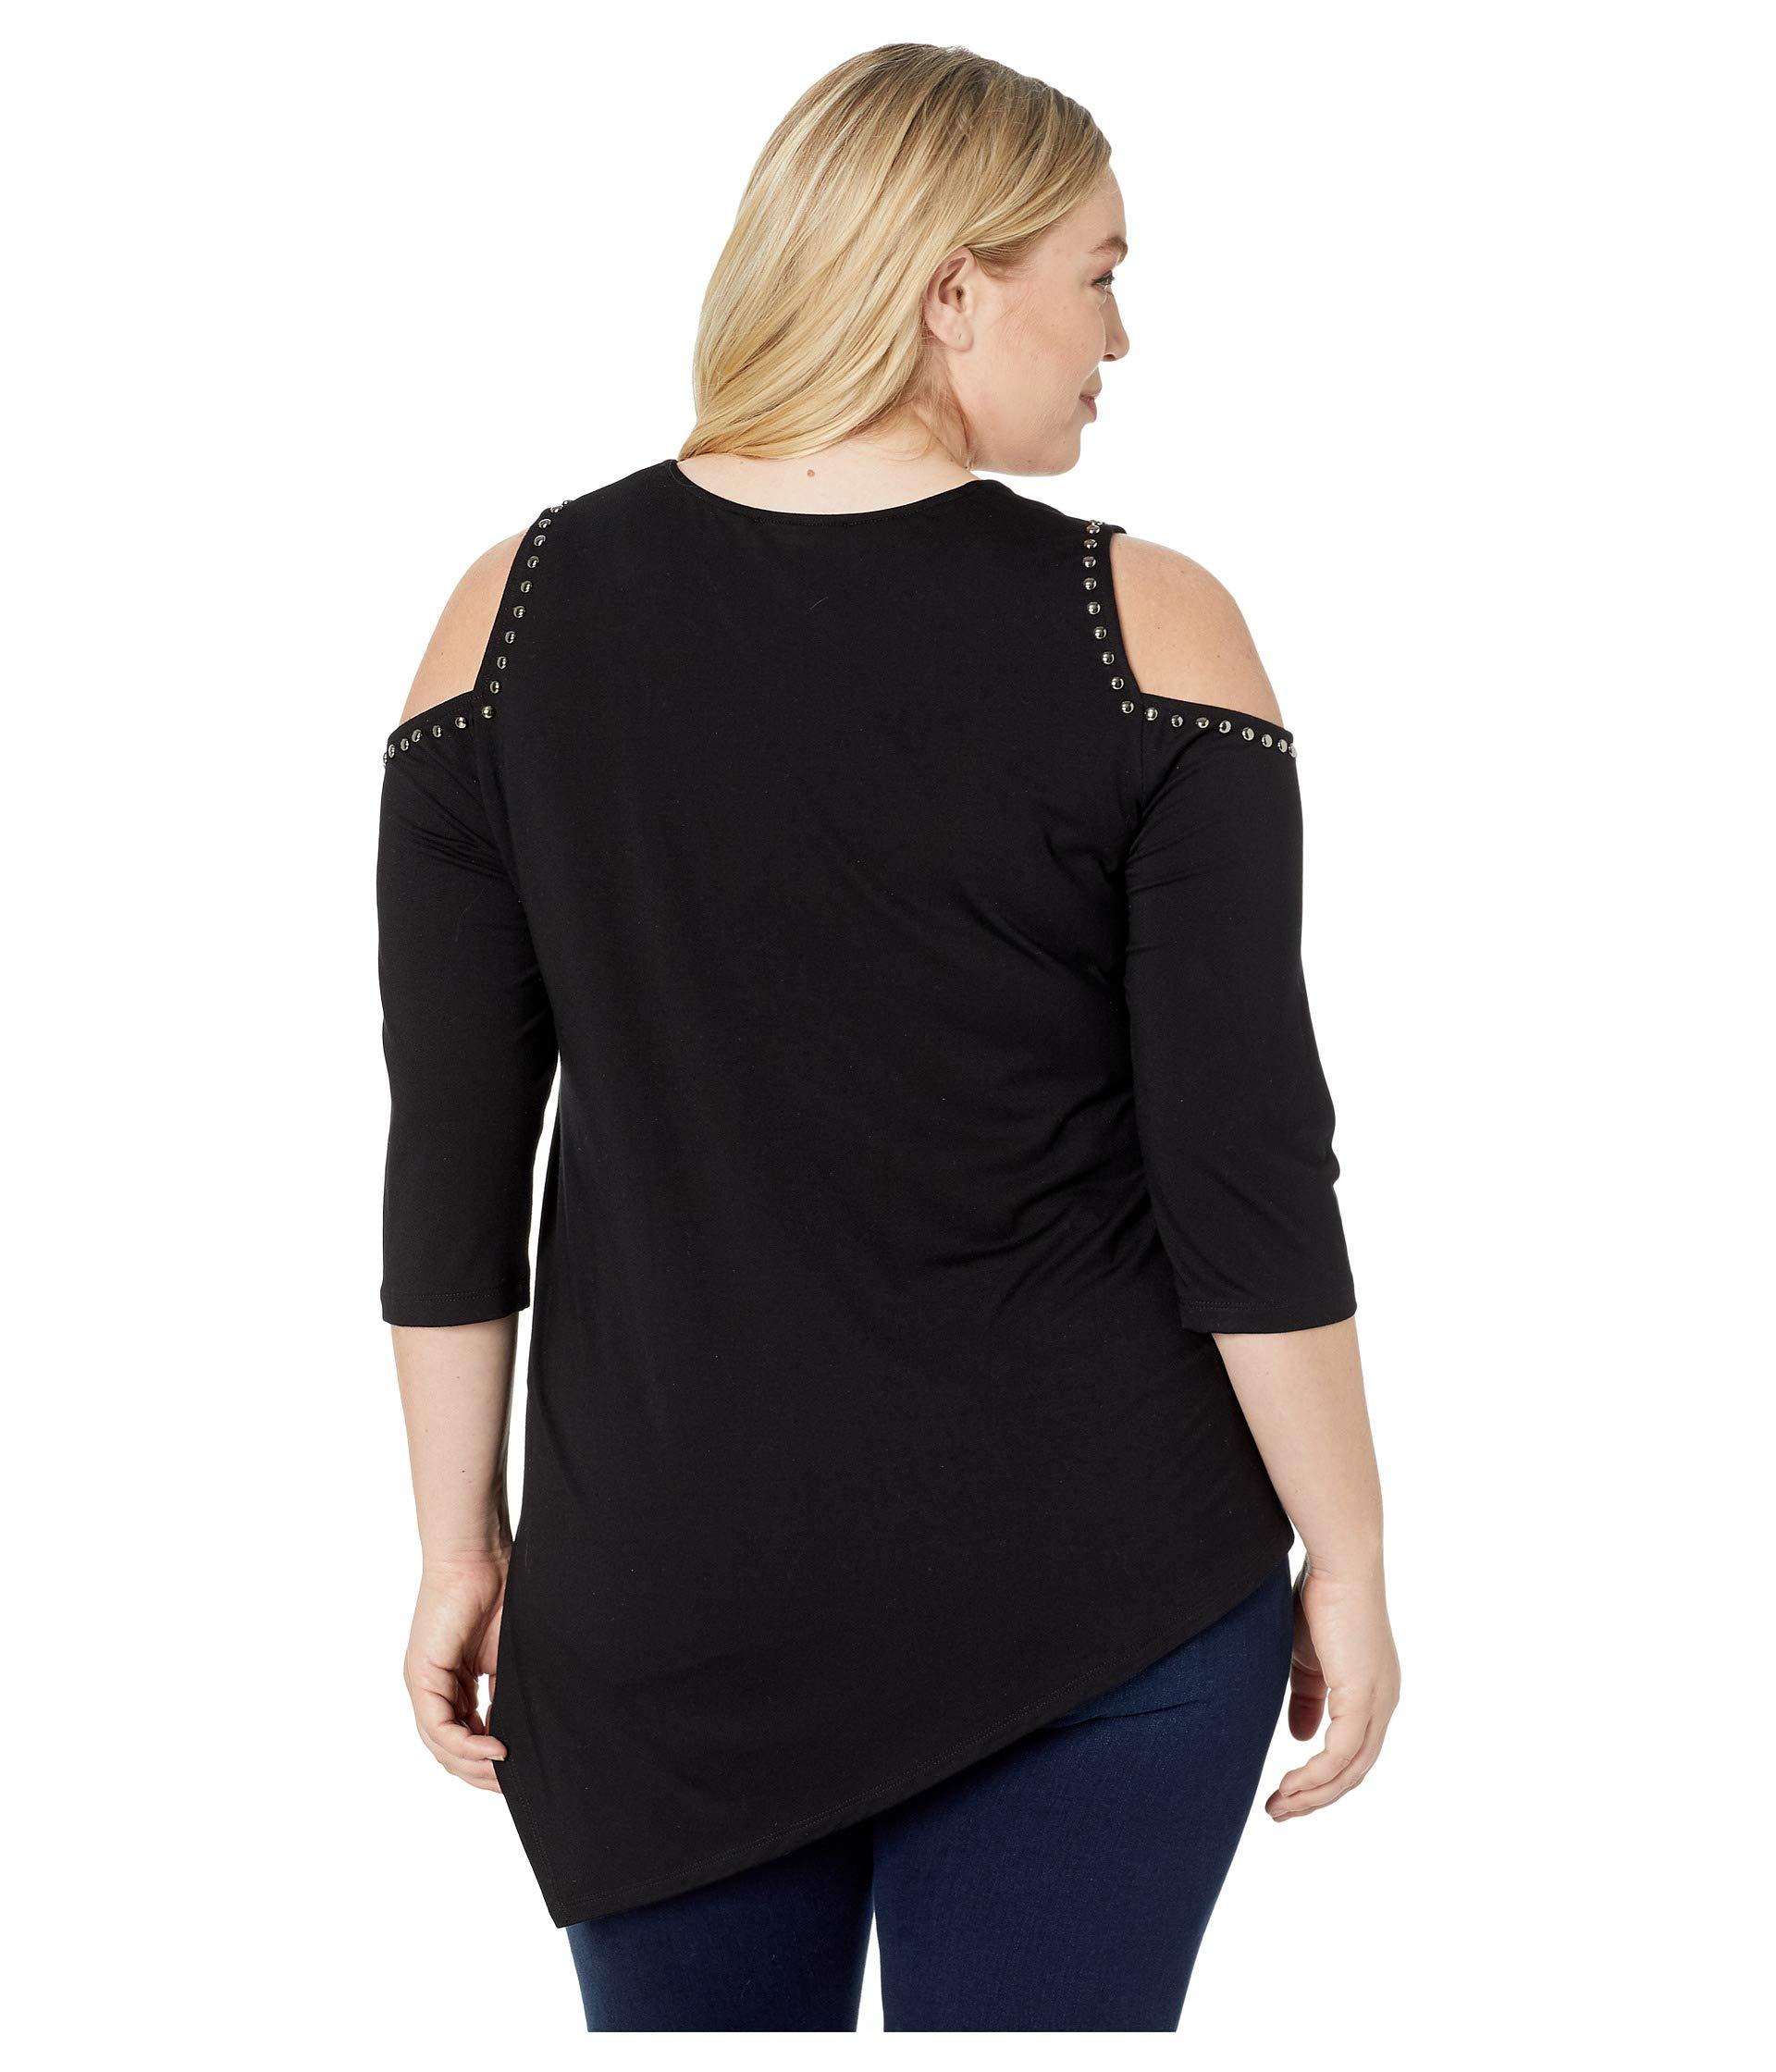 Karen Cold Studded Kane Shoulder Black Top Size Plus 7wrvqP47